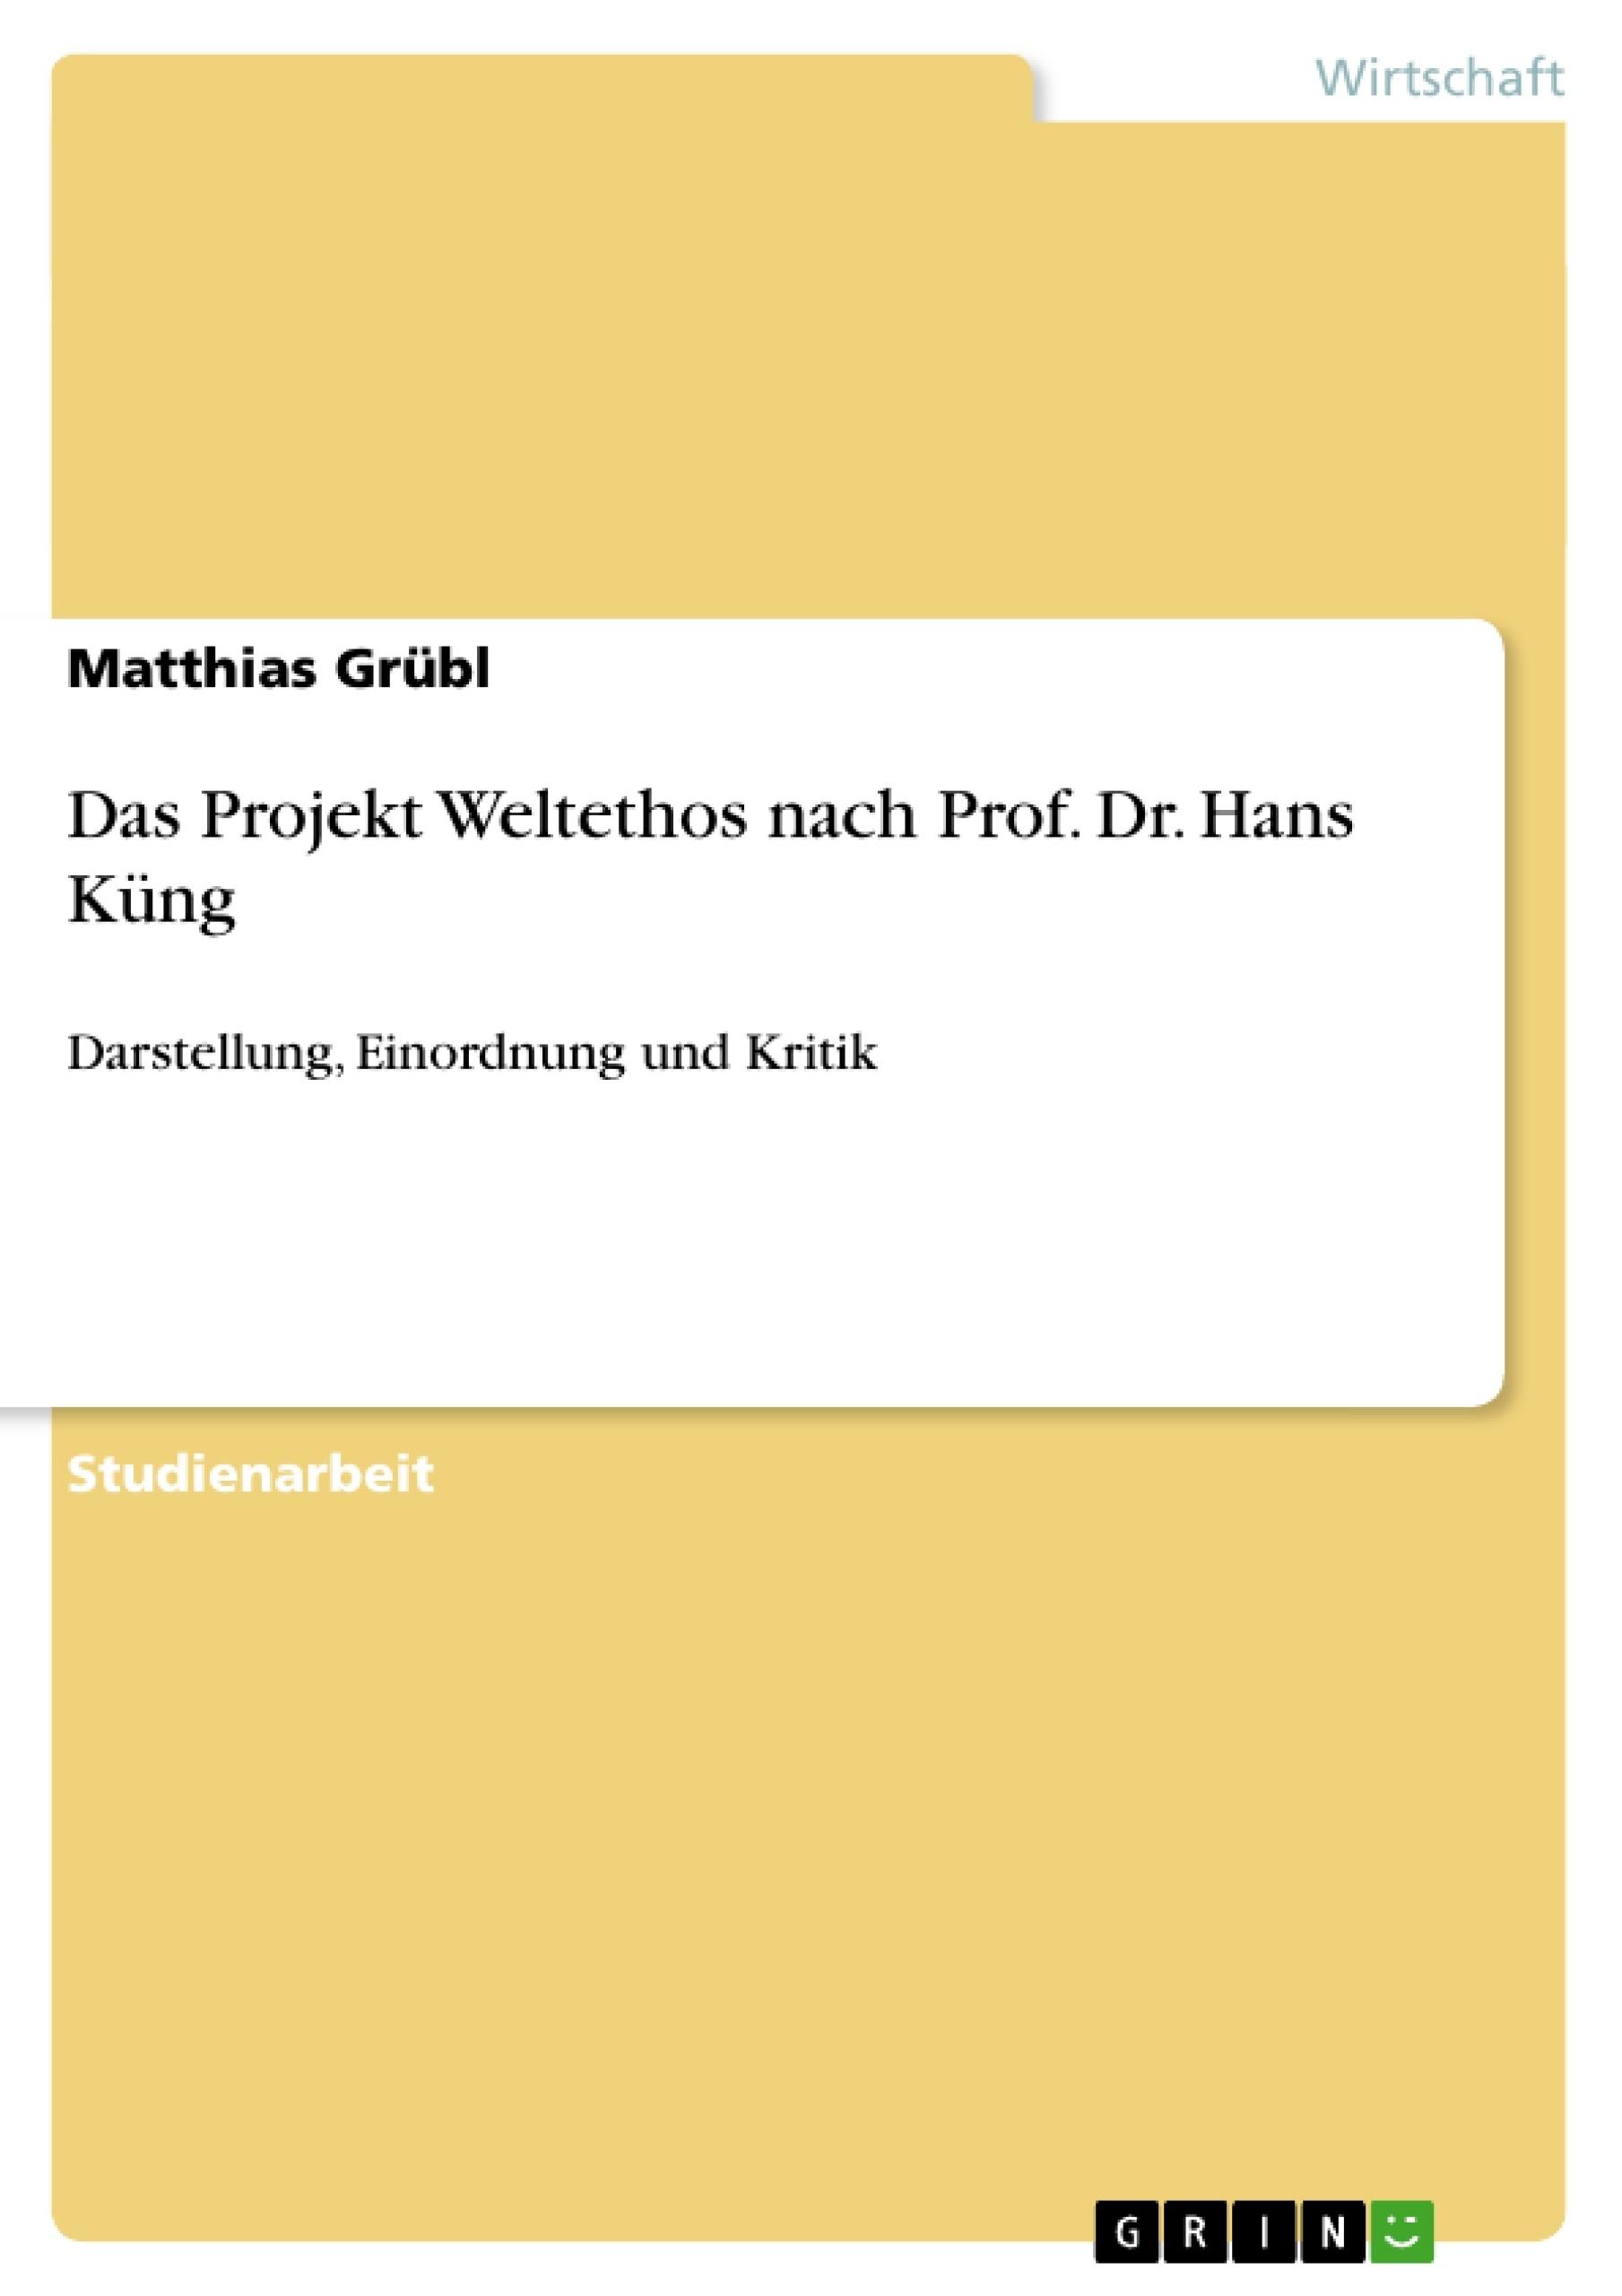 Titel: Das Projekt Weltethos nach Prof. Dr. Hans Küng